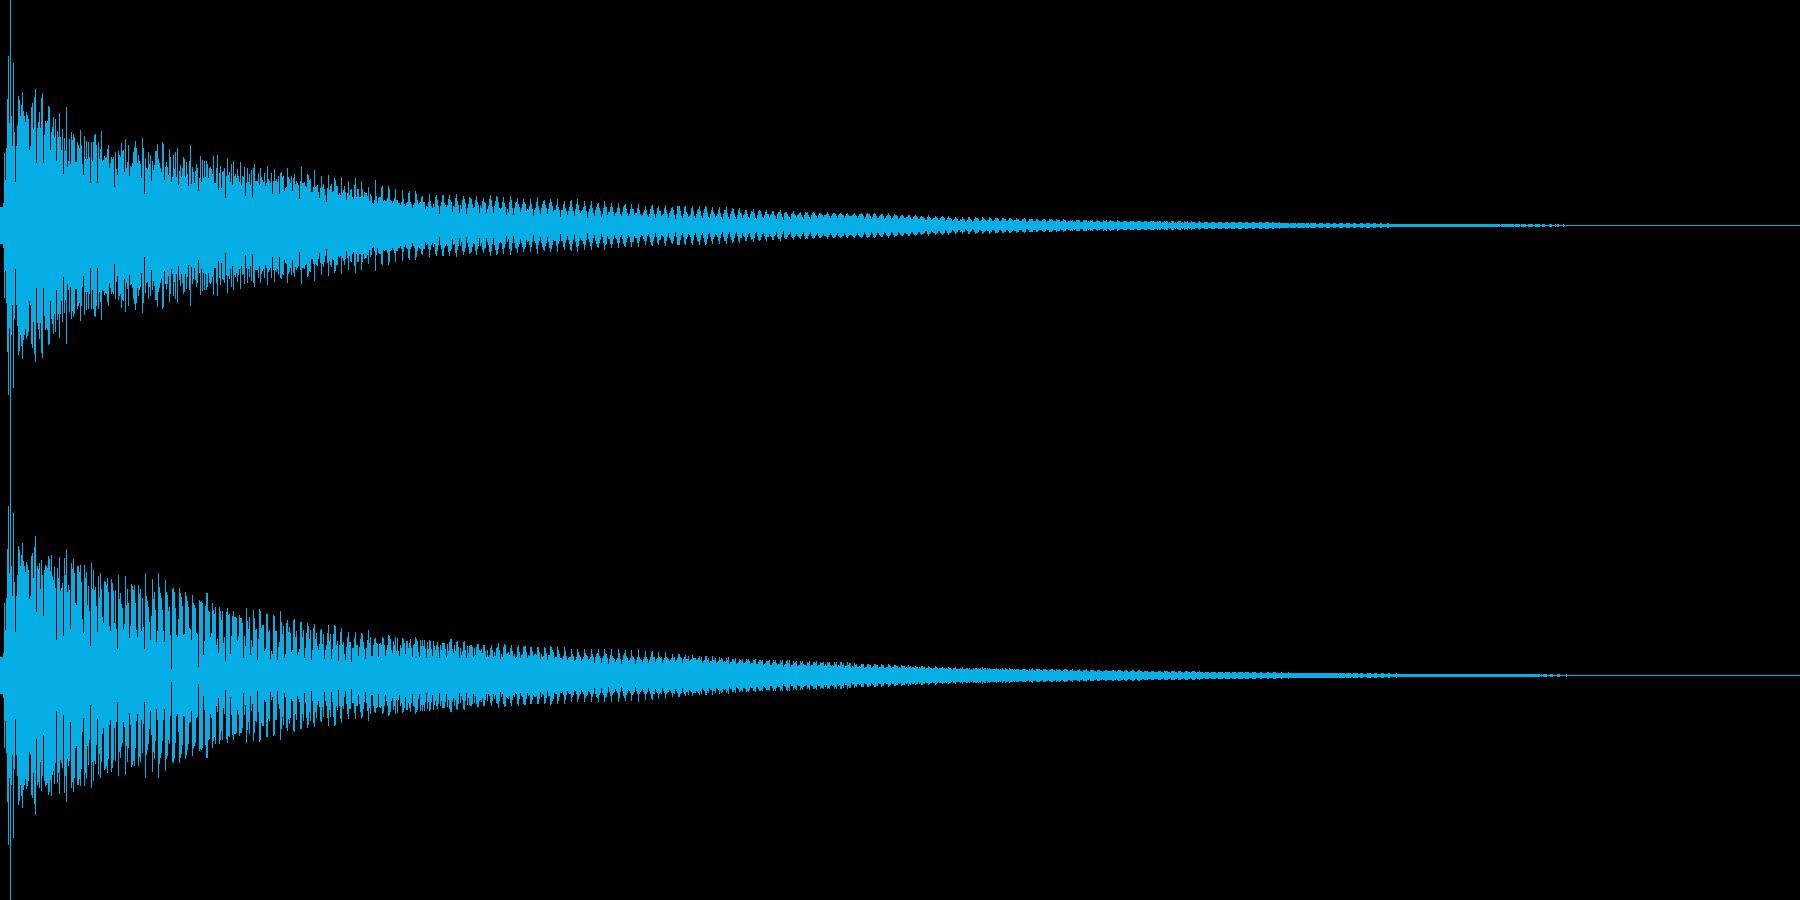 ポーン(注目 決定 カーソル移動)の再生済みの波形